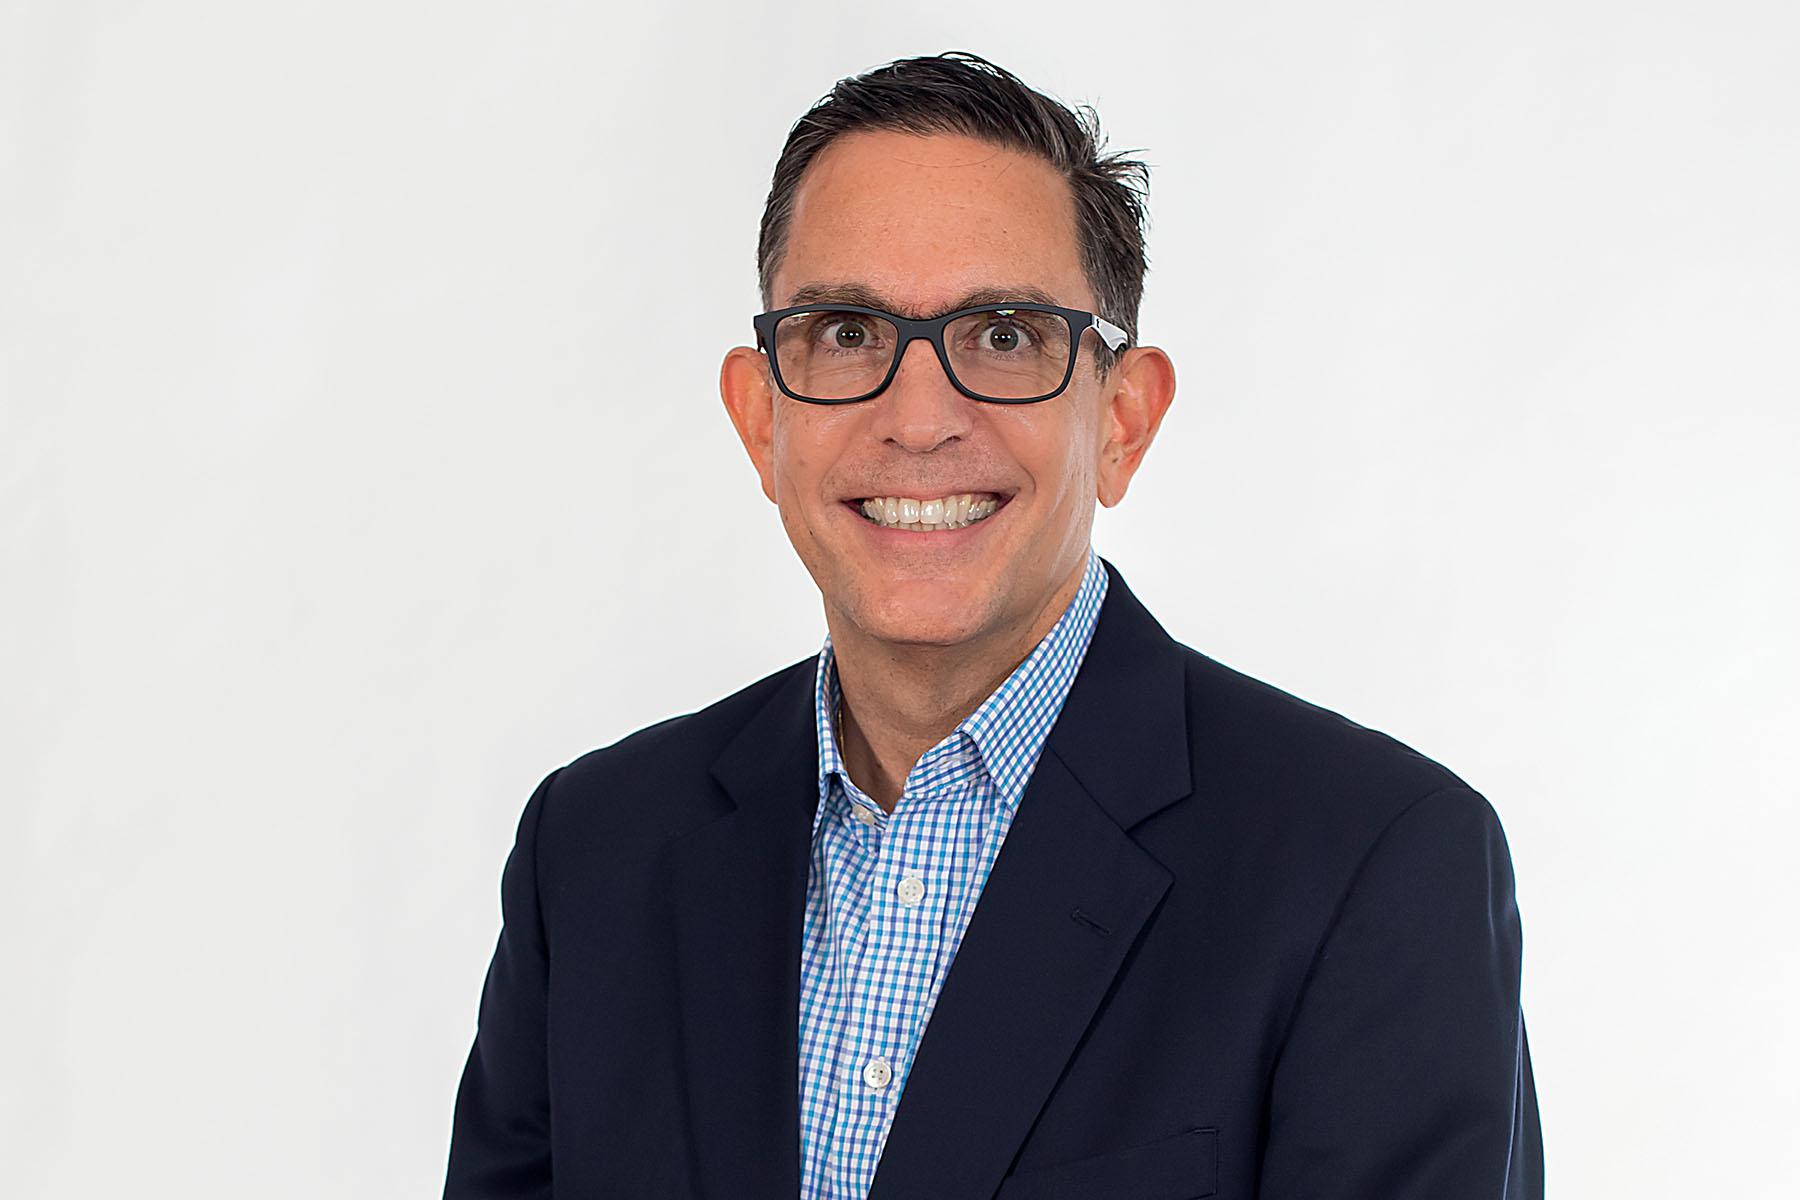 Jose Baquero, CEO of CMI Foods